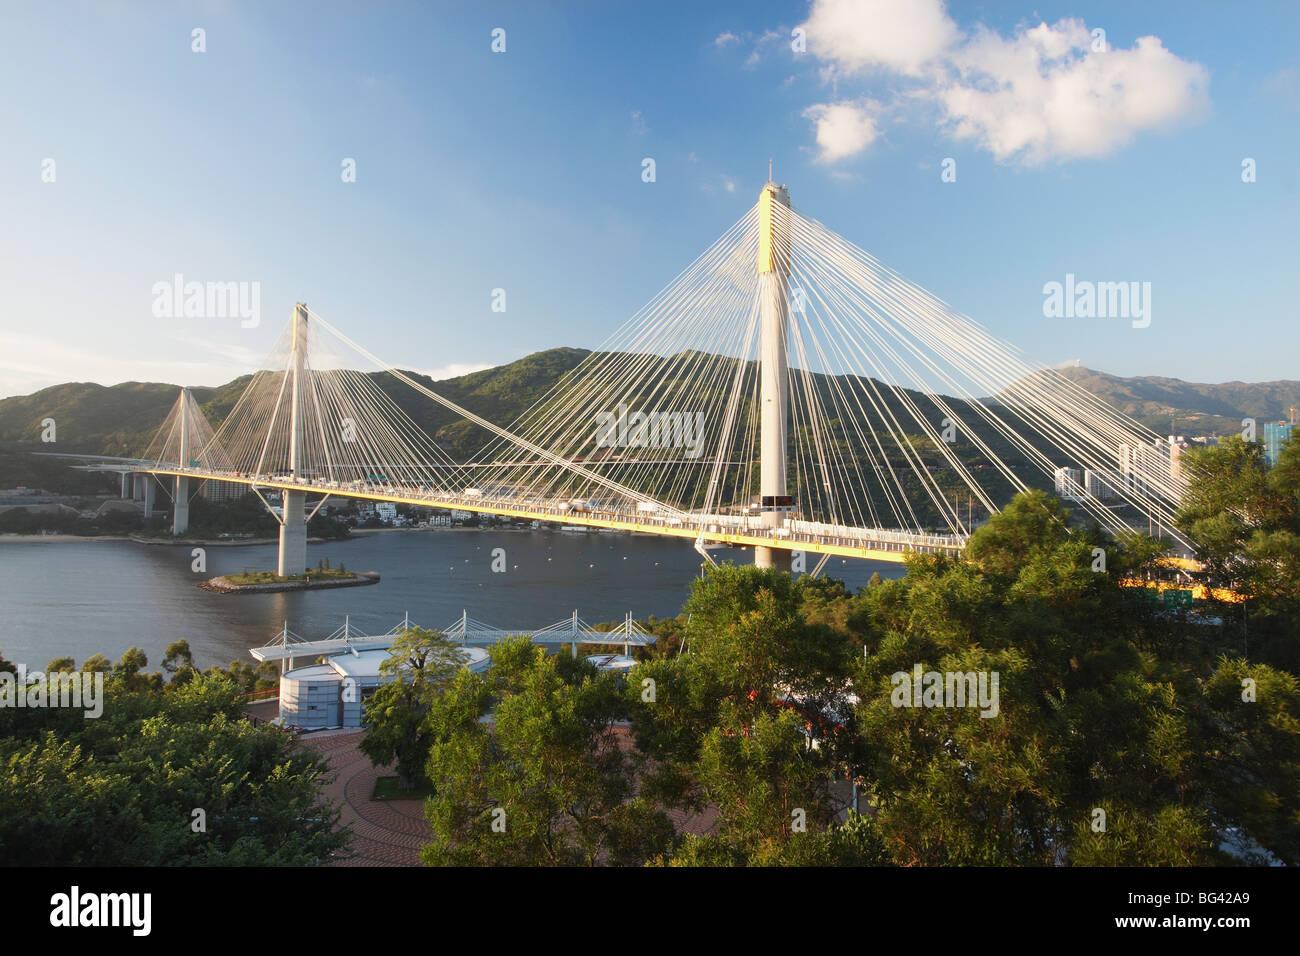 Kap Shui Mun Bridge, Tsing Yi, Hong Kong, China, Asia - Stock Image